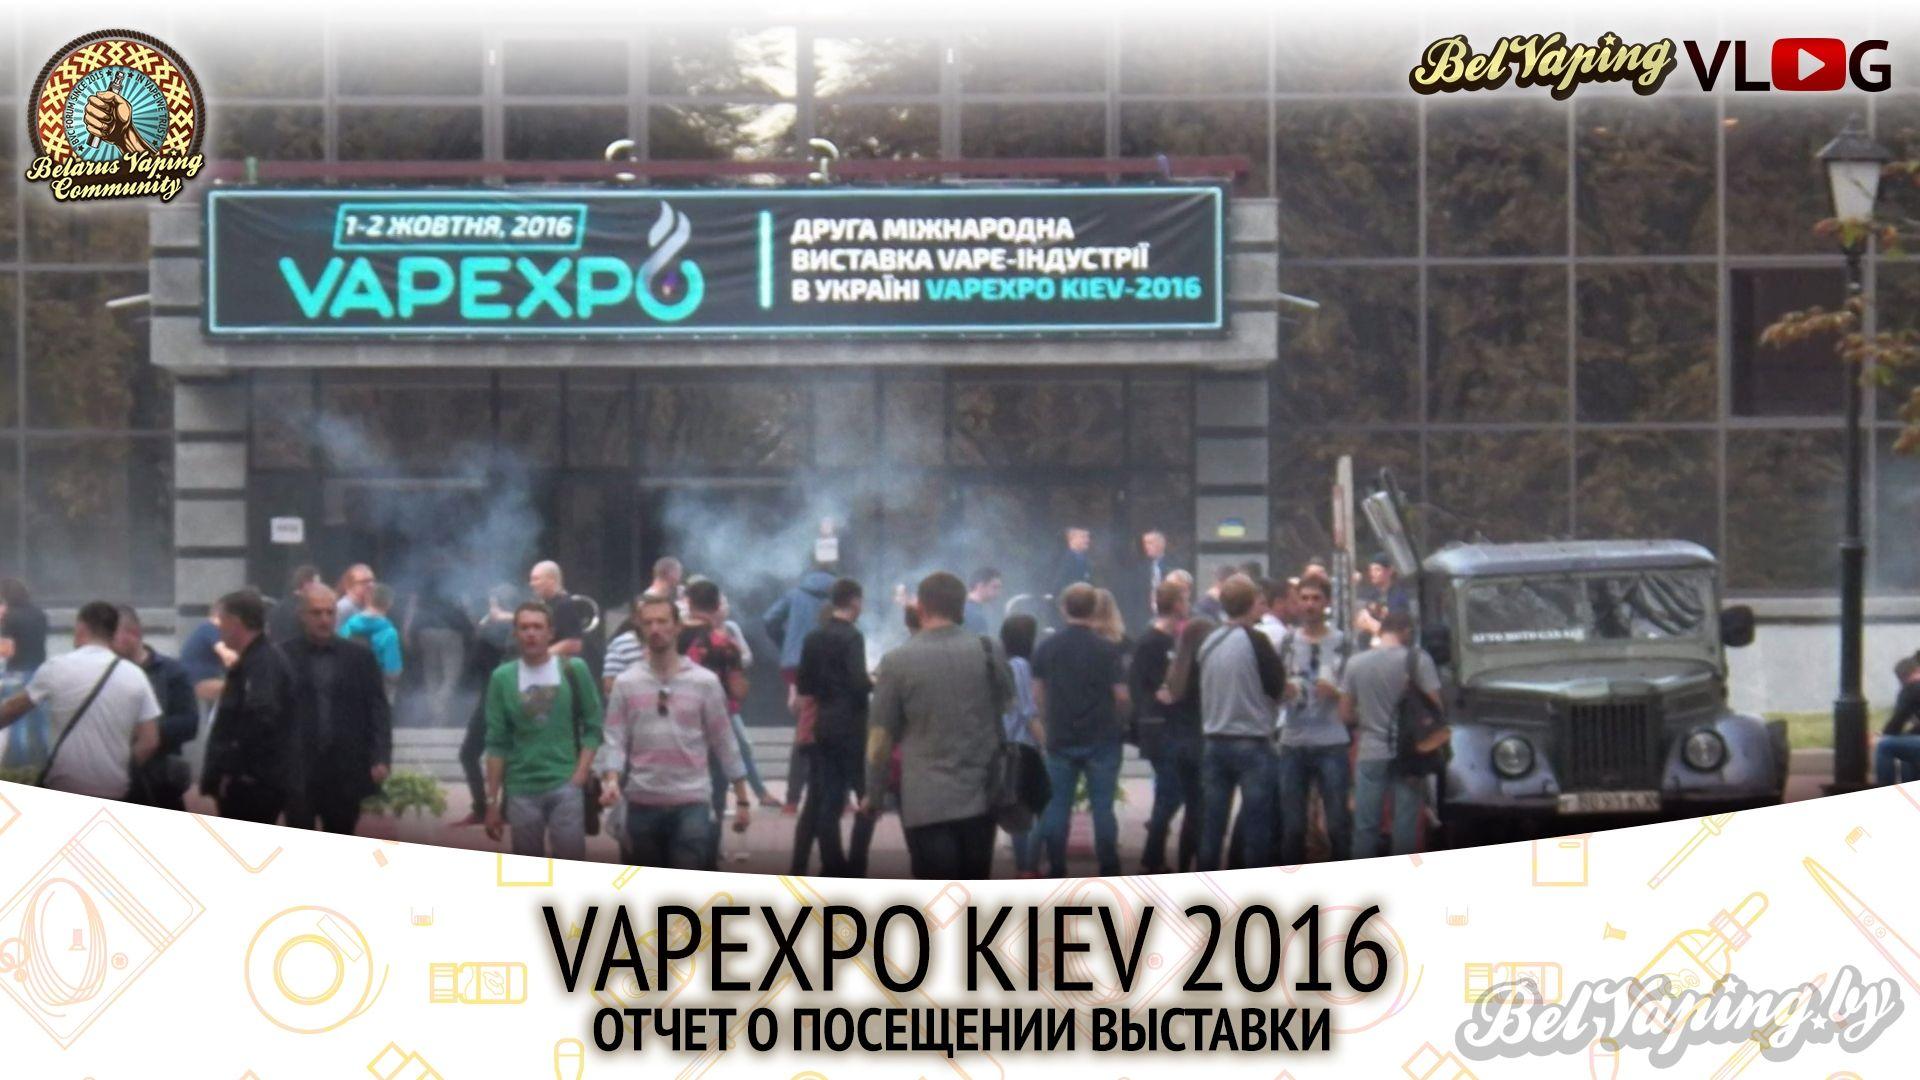 Отчёт о посещении выставки Vapexpo Kiev 2016